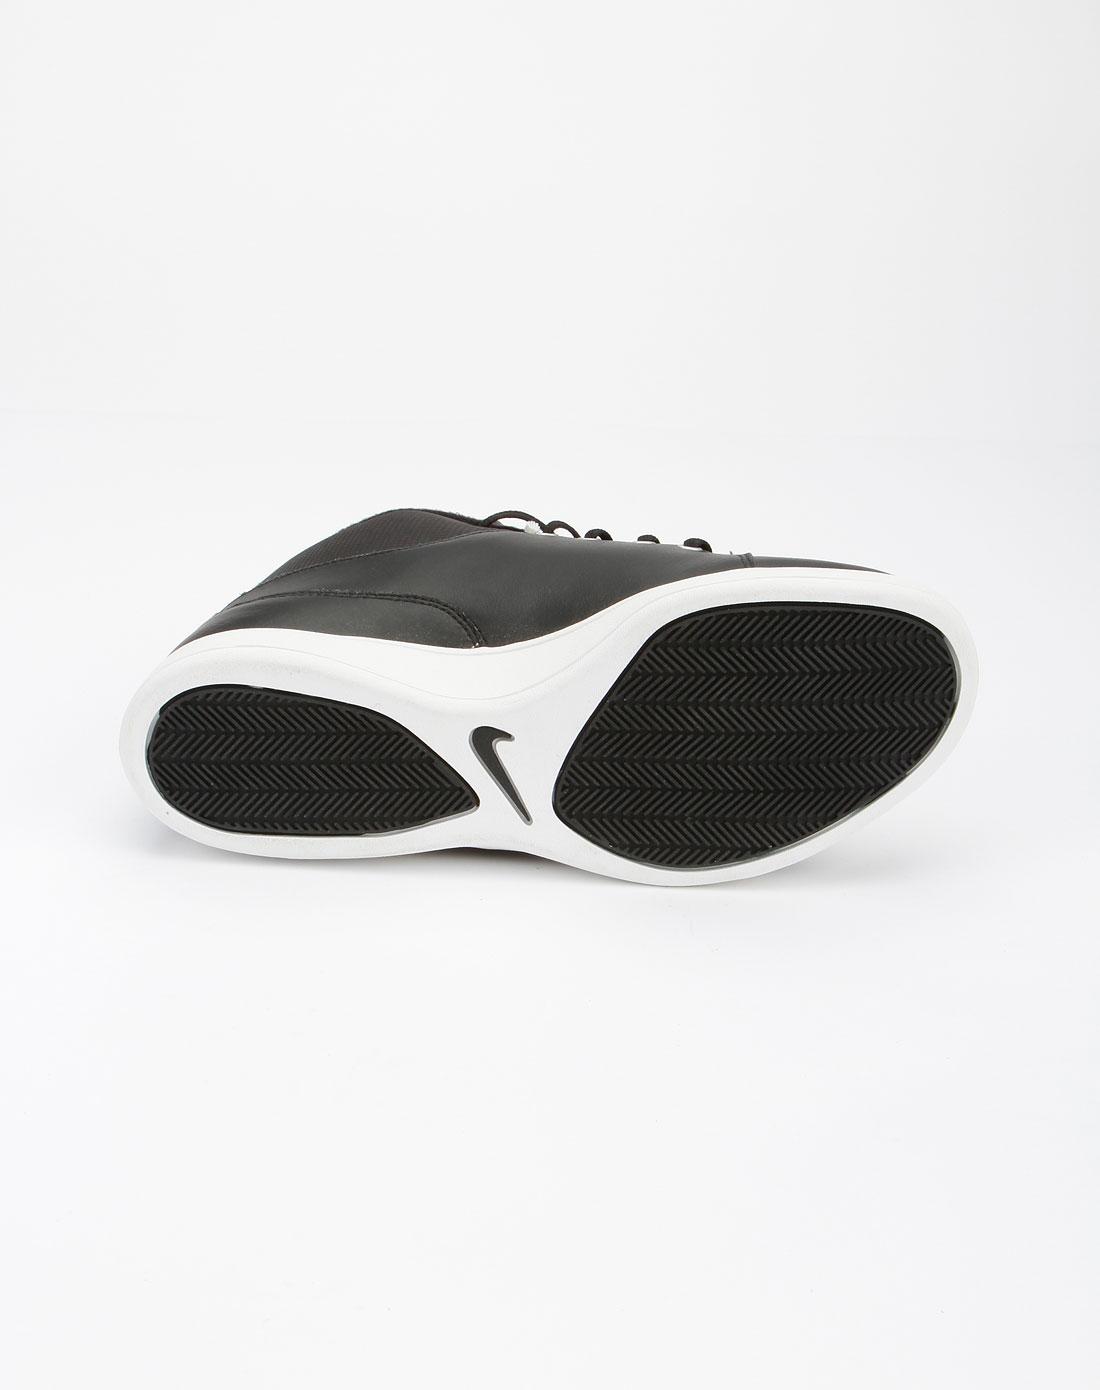 耐克nike-女款黑/白/银色运动文化鞋415328-002